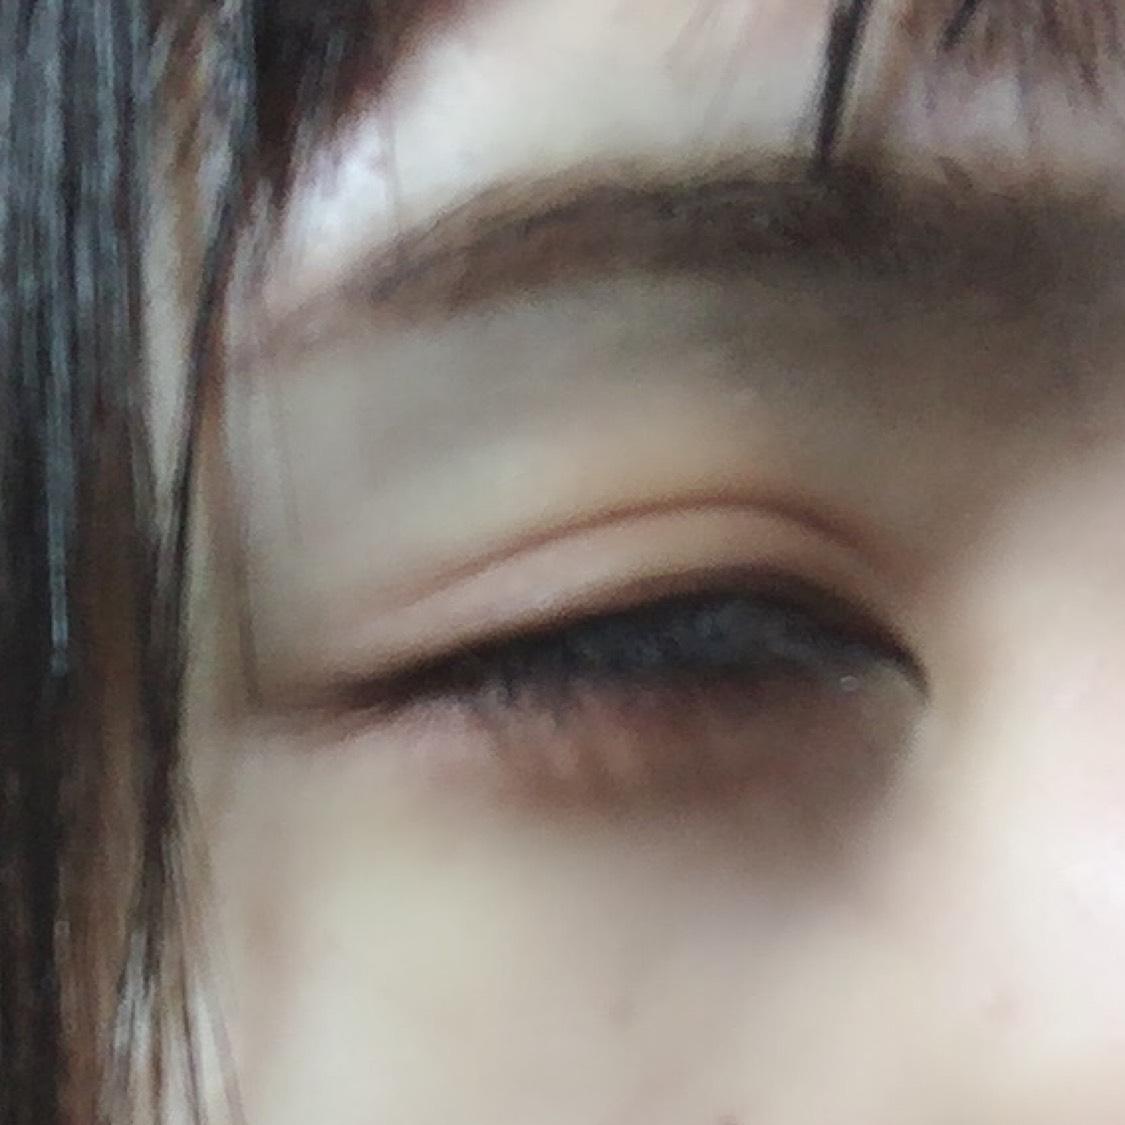 アイメイク、とリップのみ紹介します。 今日は裸眼です。  ・CANMAKE パーフェクトマルチアイズ03 の右上のカラーをアイホール全体と涙袋にのせます。 下まつげの際に沿って赤色をブラシかチップでぬり、右下の茶色のカラーで涙袋の影、 上まつ毛中央につけまつげをつけ、目頭から目尻にかけてアイライナーっぽくひきます。 目尻三角形あたりに茶色いからーをのせ、目の縦幅、横幅を出して完成です!  マスカラは、下まつげにのみ ・KATE ラッシュマキシマイザーをつけ、 ・デジャヴュファイパーウィッグウルトラロングFを塗って終わりです!  リップは ・SHISEIDO モダンマット パウダーリップスティック 524を塗ったあと、 ・KATE デザイニングアイブロウ 3D EX-4 でこうかくの影を描き完成です!